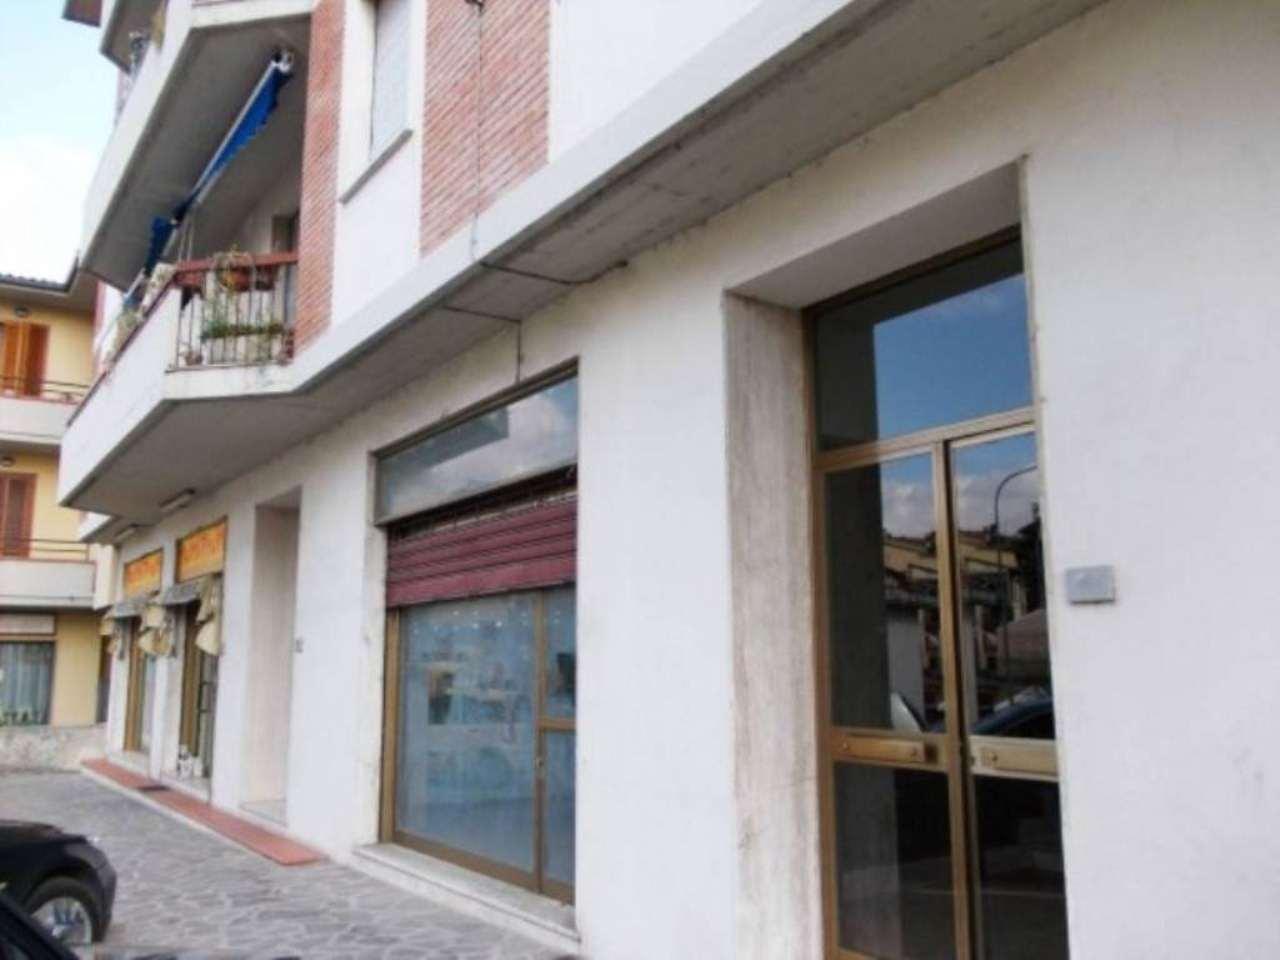 Negozio / Locale in vendita a Pontassieve, 2 locali, prezzo € 65.000 | Cambio Casa.it